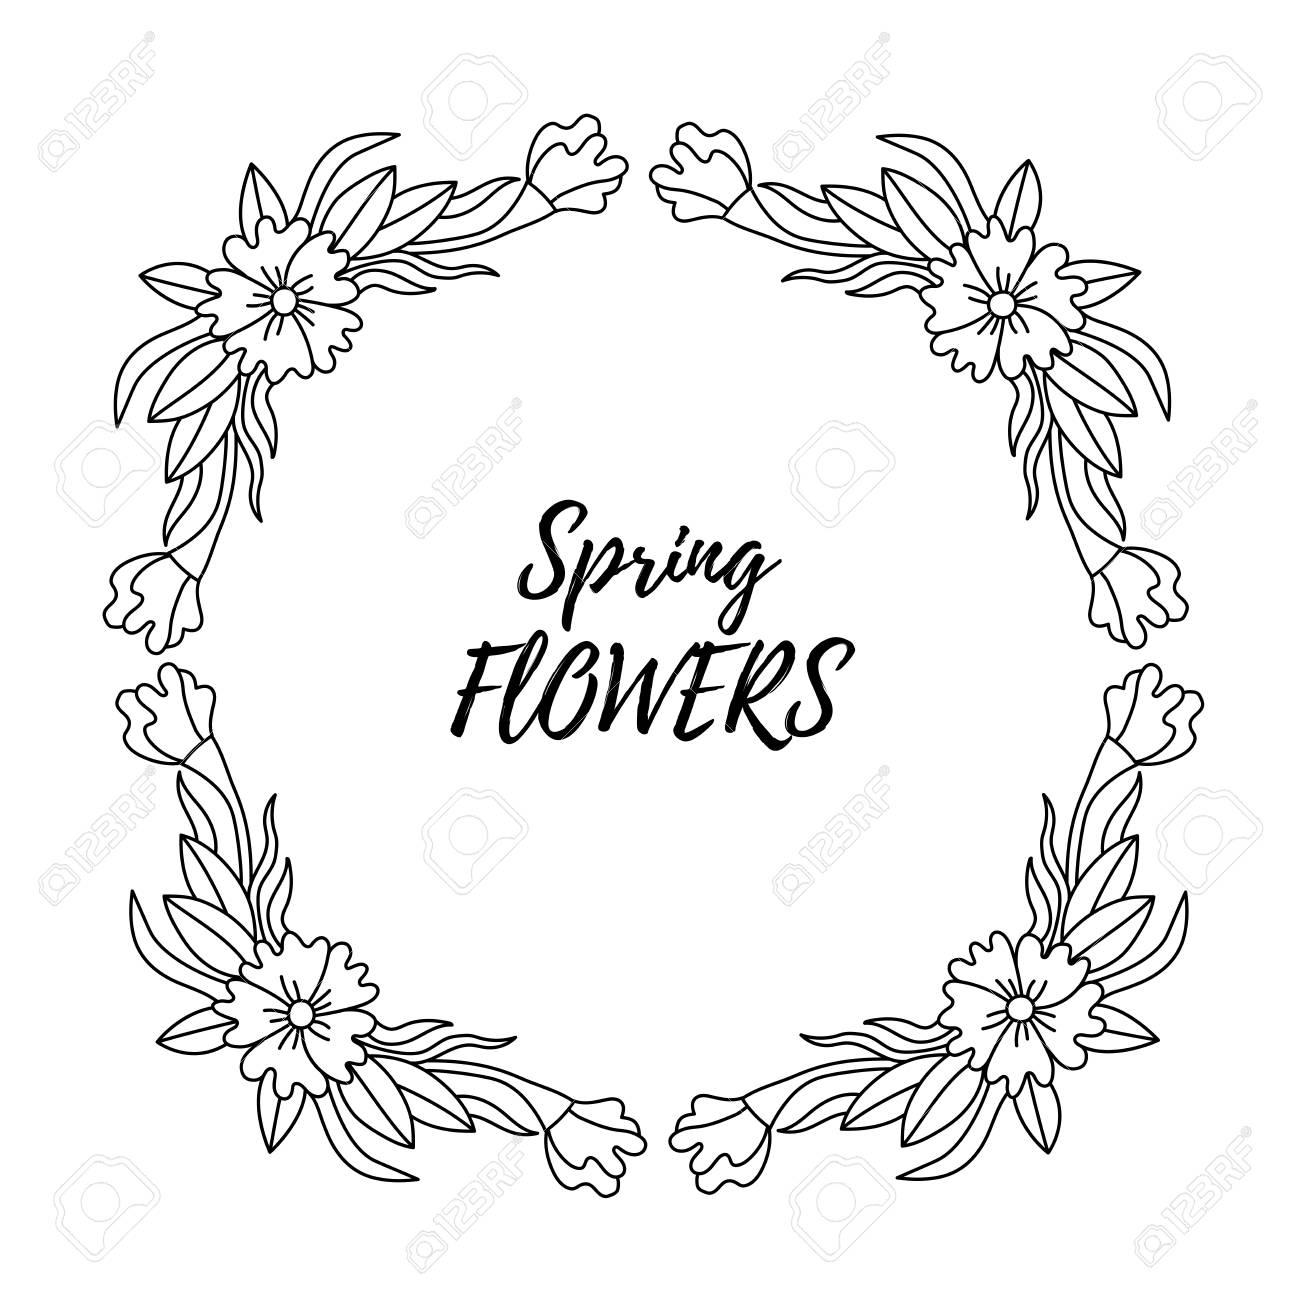 Doodle Floral Flower Wreath Decorative Vector Border Line Frame